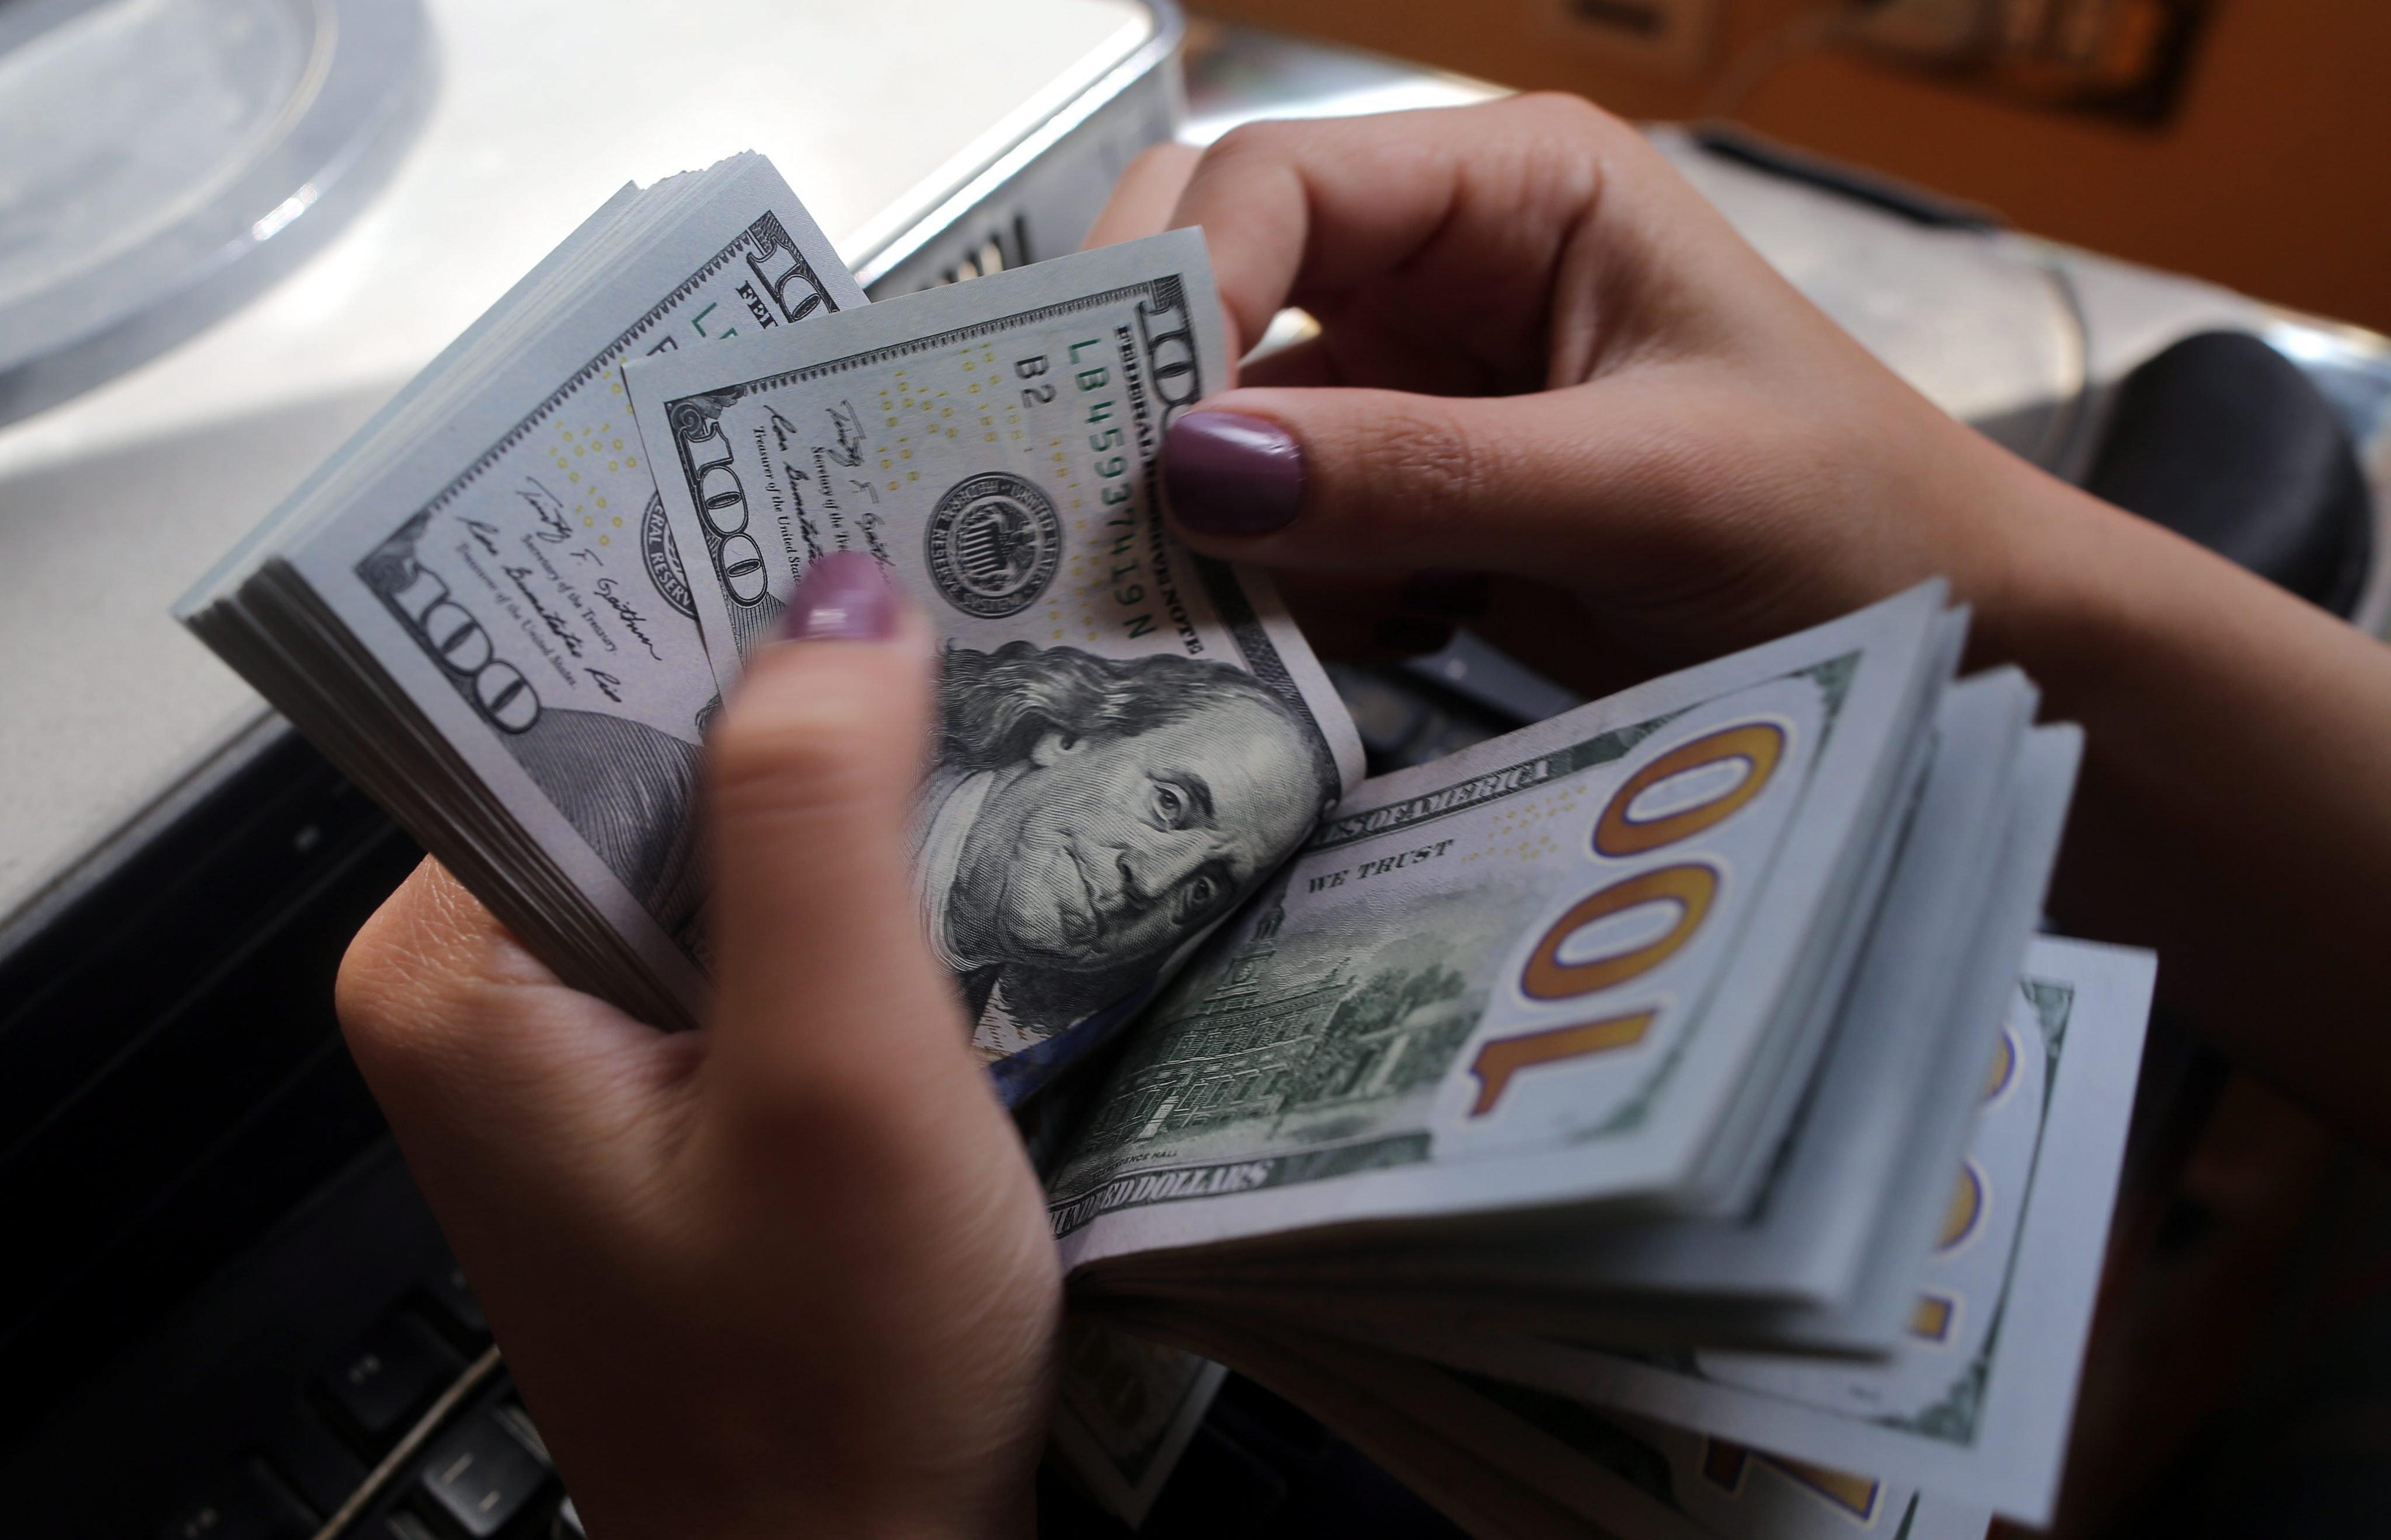 В Ташкенте мошенница присвоила 17 тысяч долларов